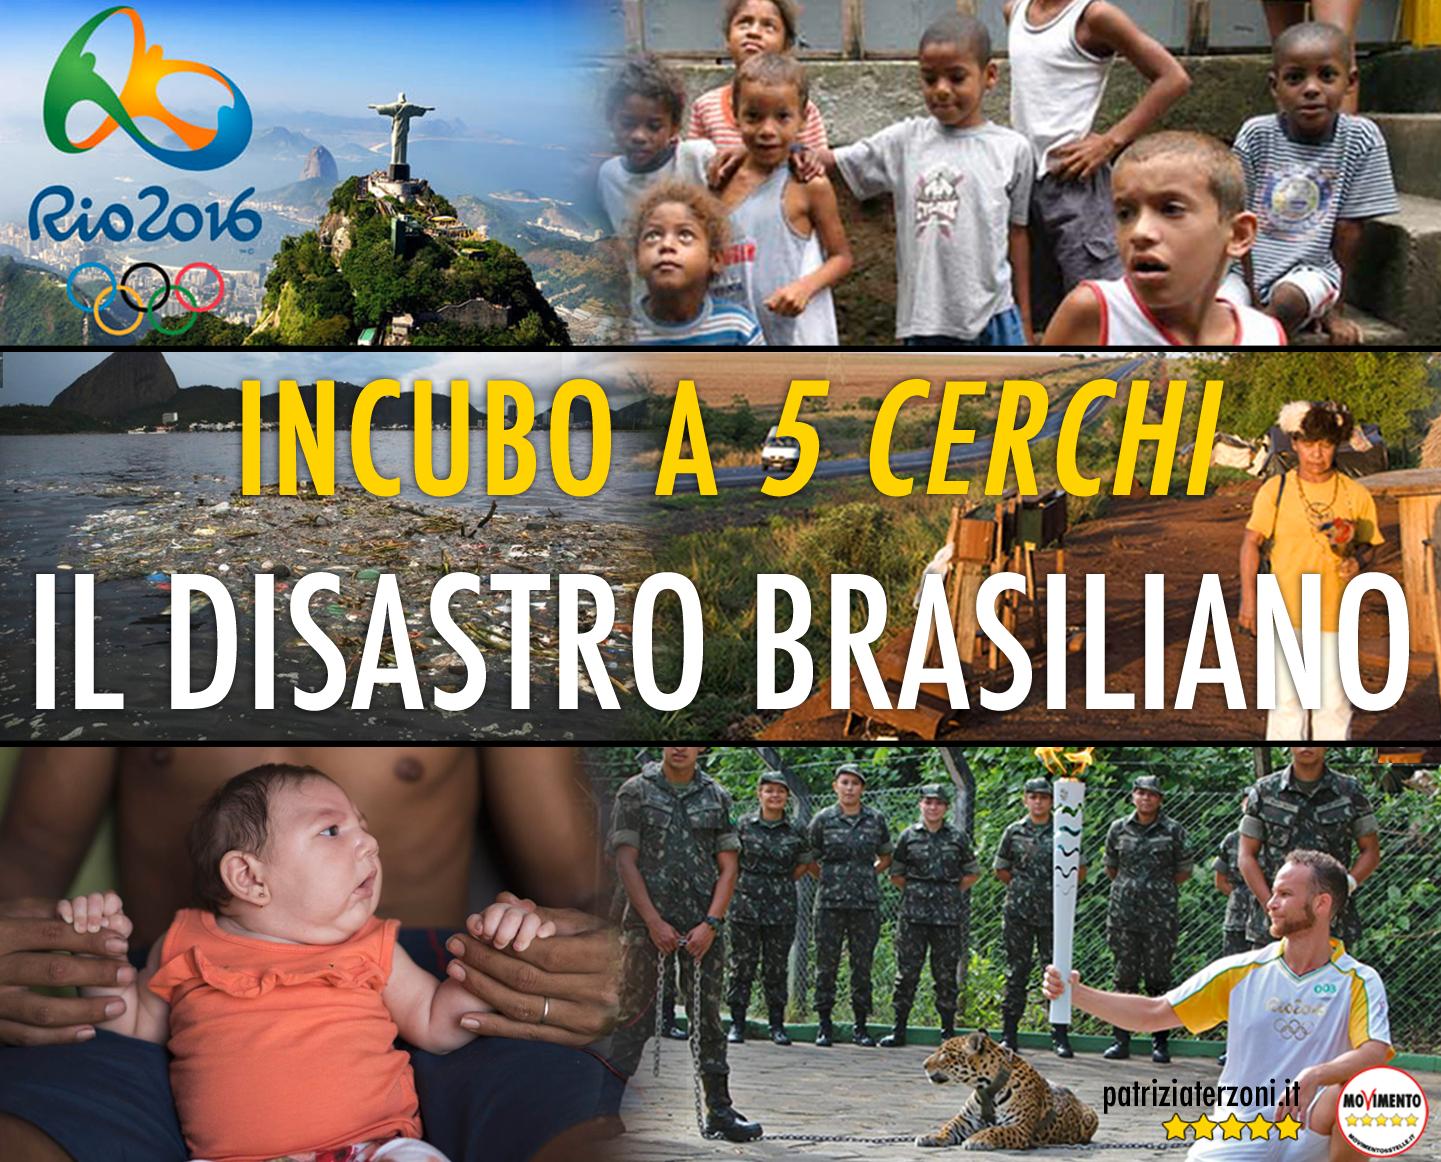 Incubo a 5 cerchi: il disastro brasiliano fra virus Zika, bambini delle favelas scomparsi e dissesti finanziari.